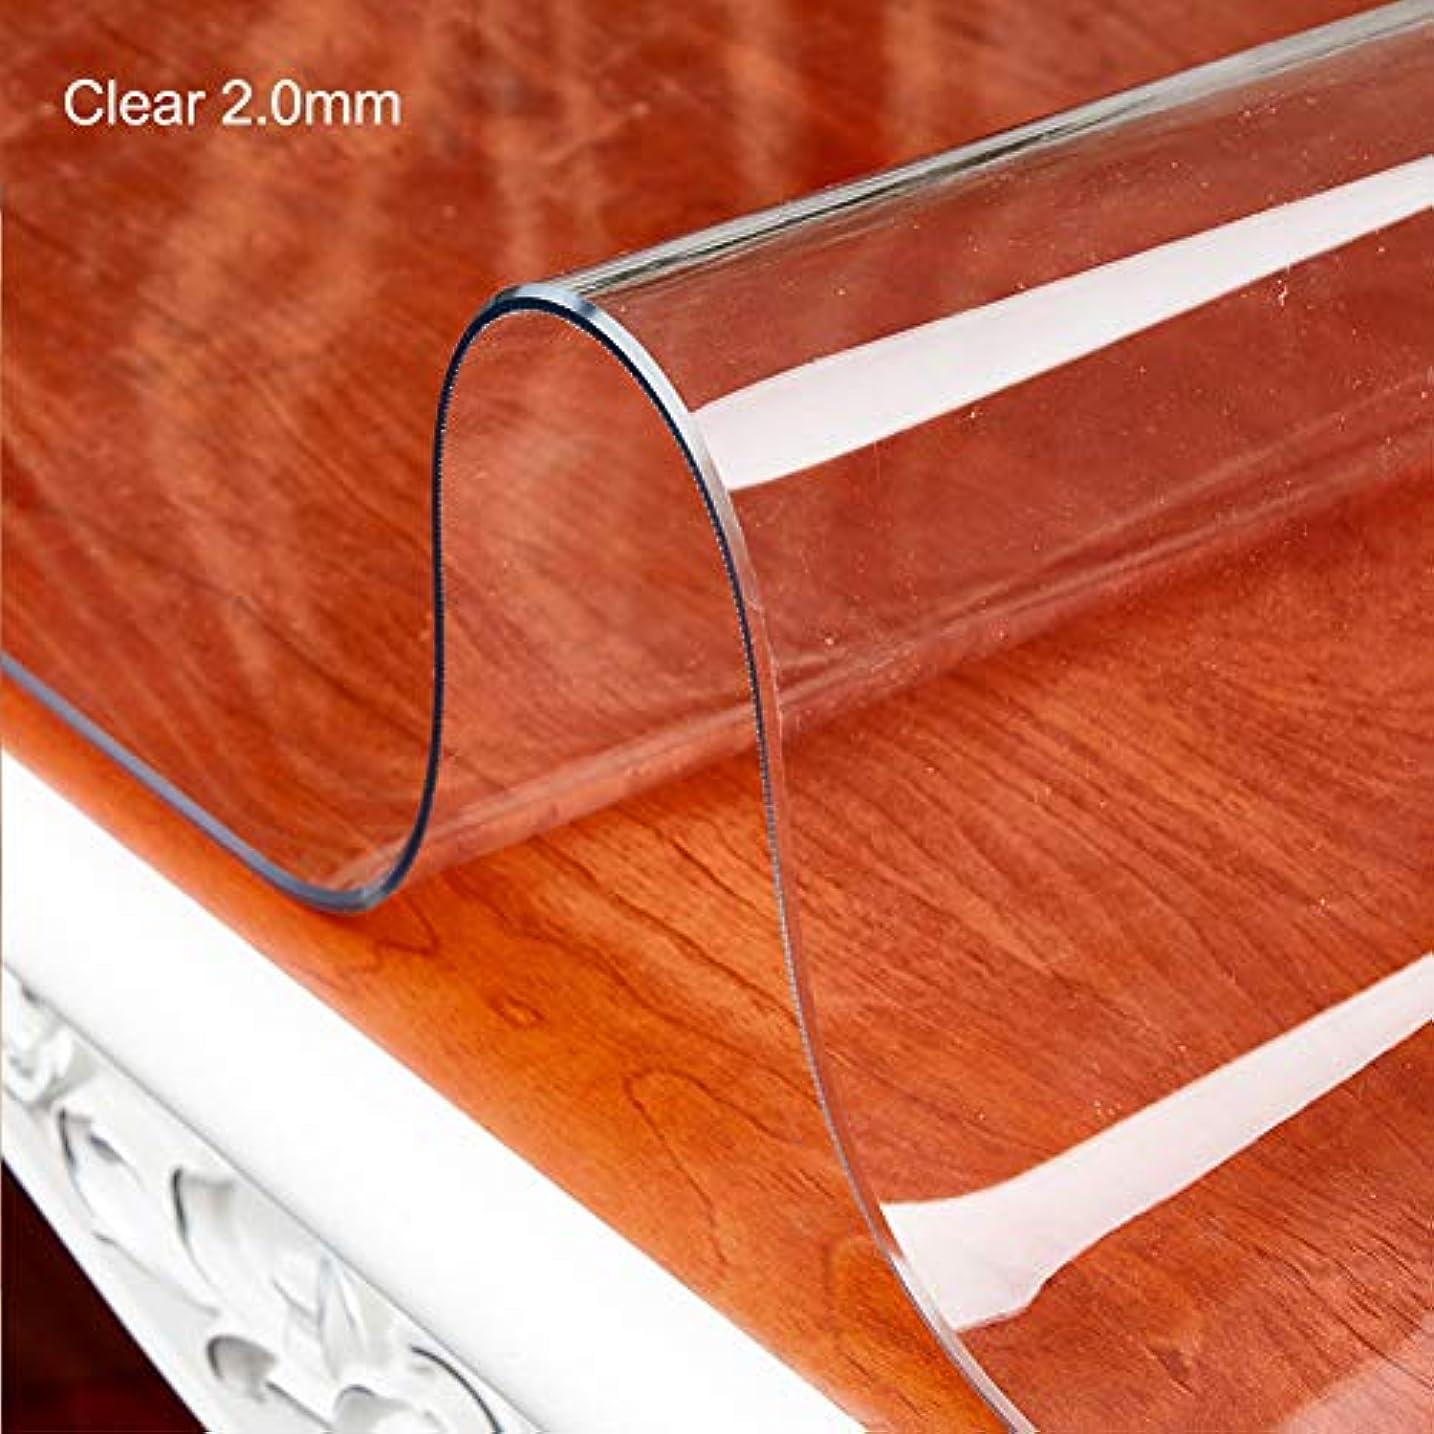 オーケストラ切り下げ象厚いpvcクリアテーブルクロス,防水オイル-証明 テーブルカバー 撥水 デスク プロテクター キッチン ダイニングの卓上-clear 2.0mm 90x150cm(35x59inch)